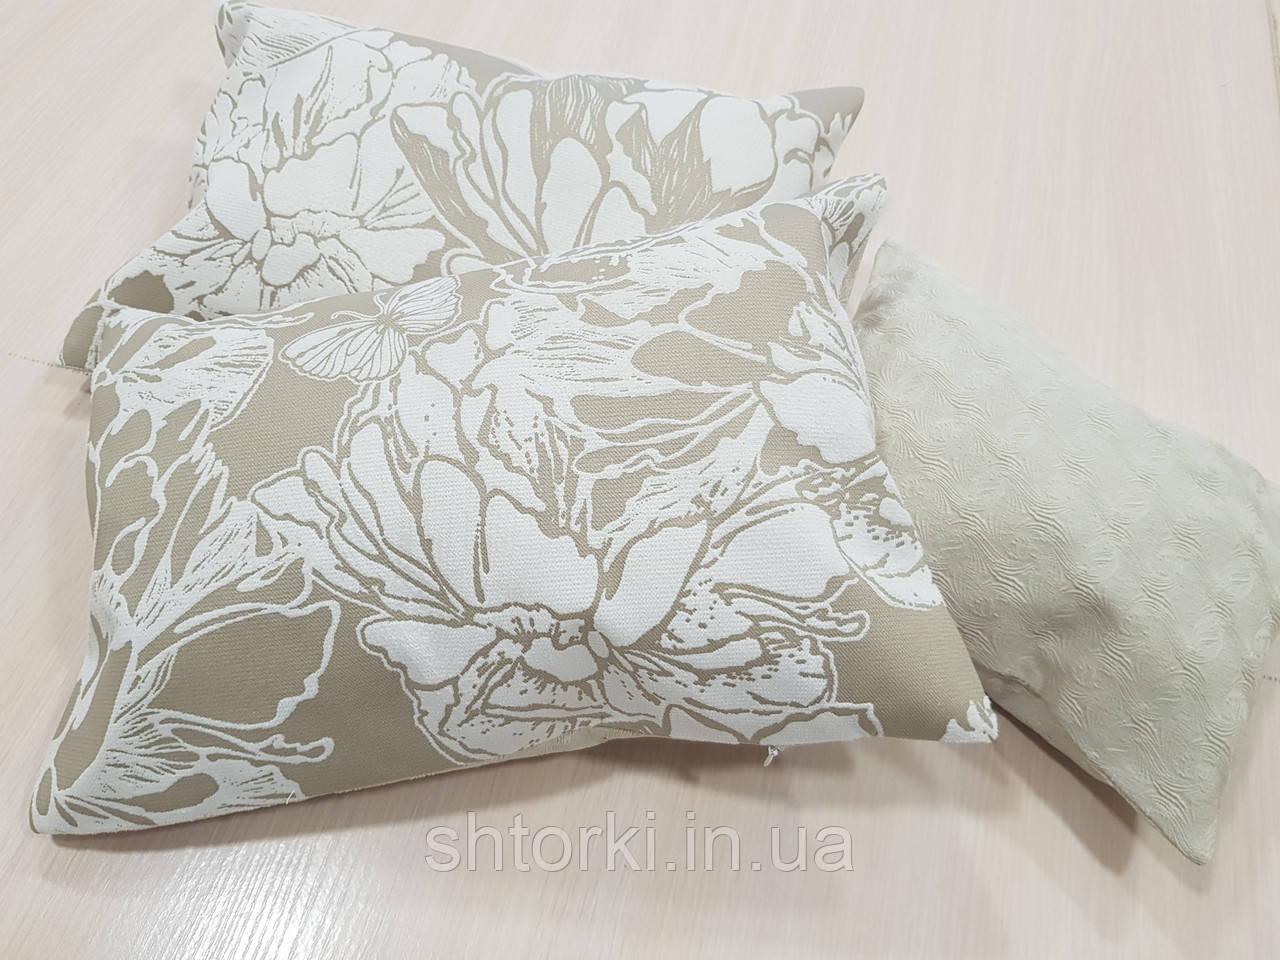 Комплект подушек Бабочки и цветы беж, 3шт